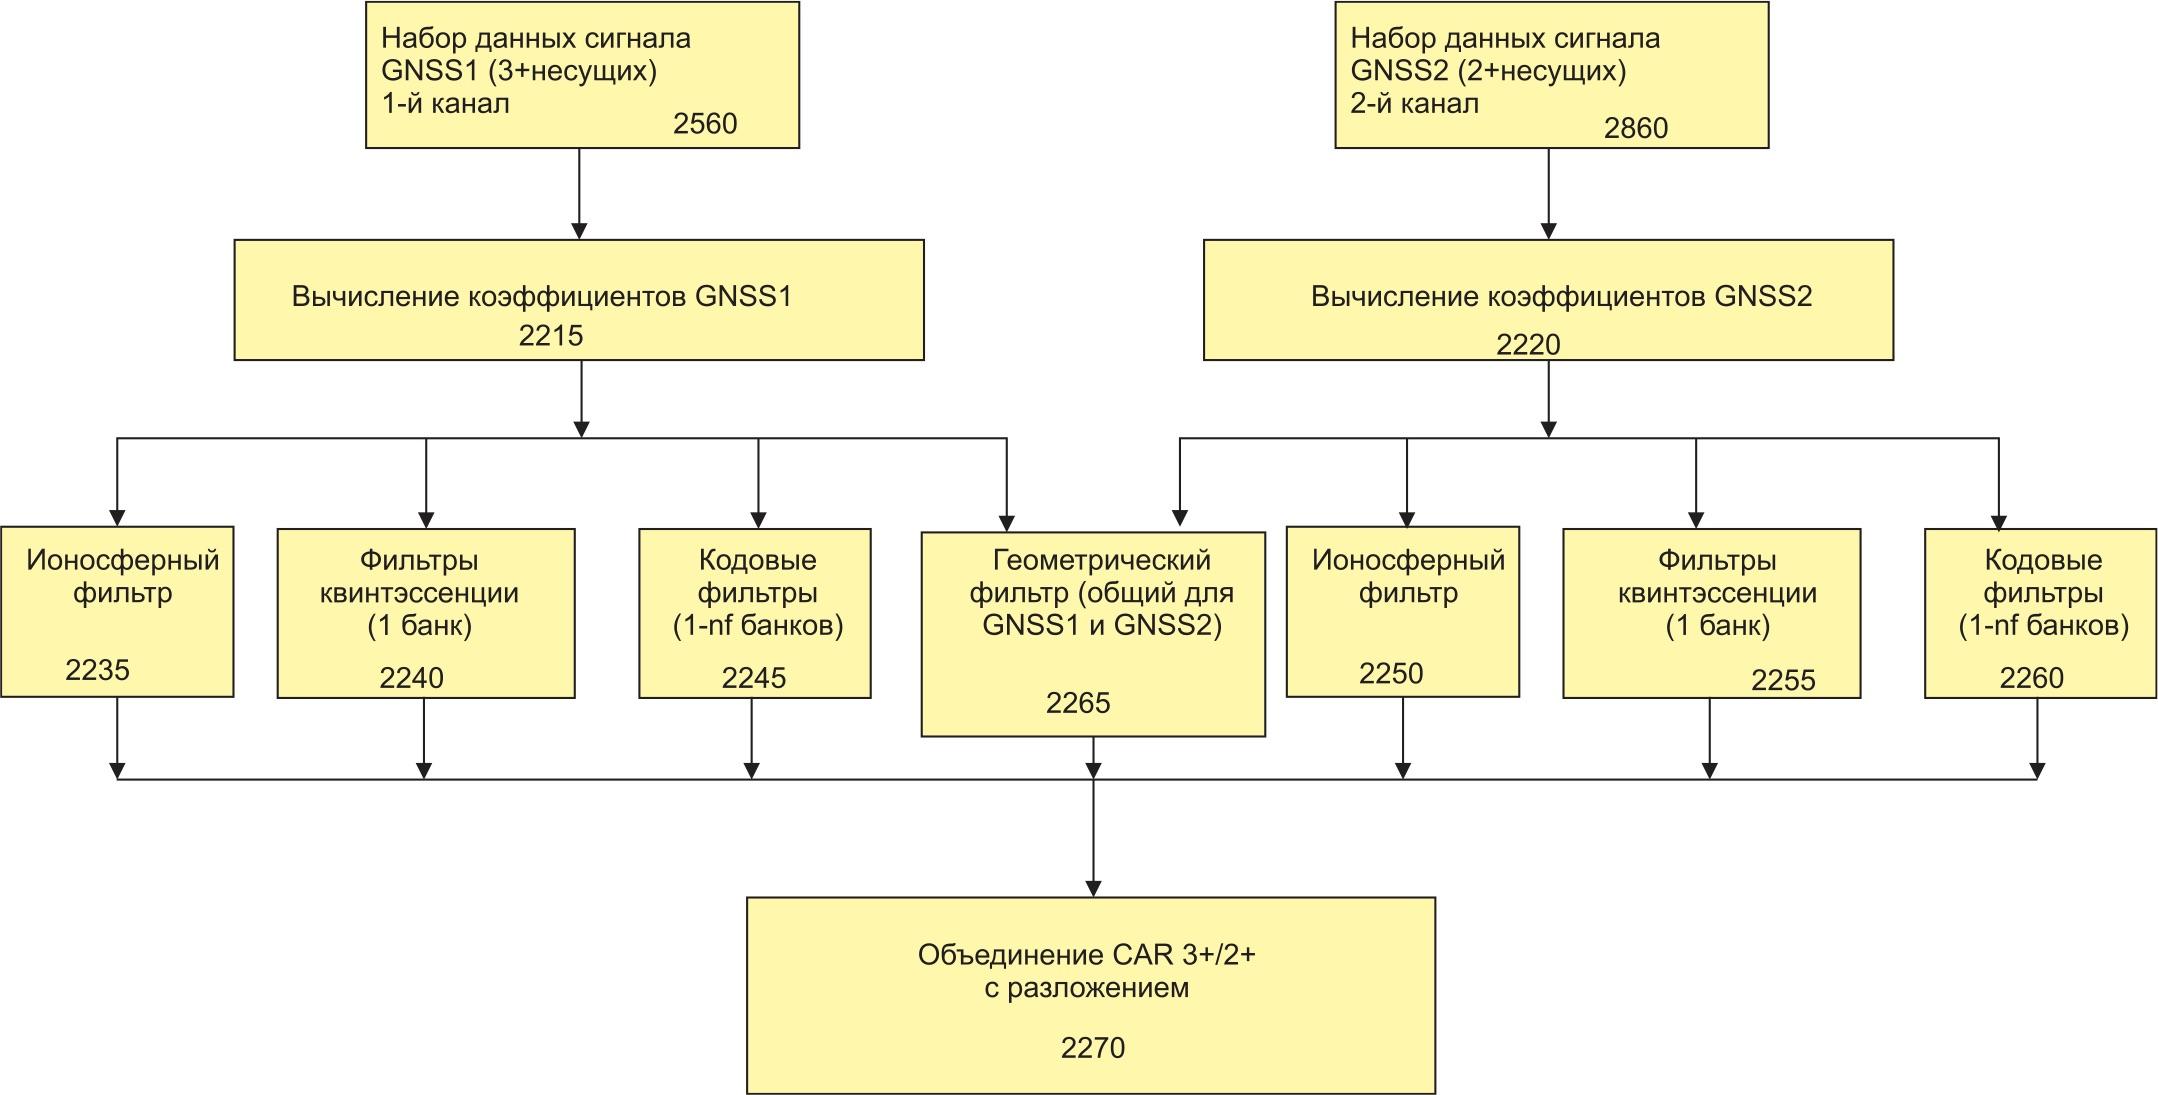 Алгоритм обработки сигналов GNSS процессорным блоком приемника (2875)